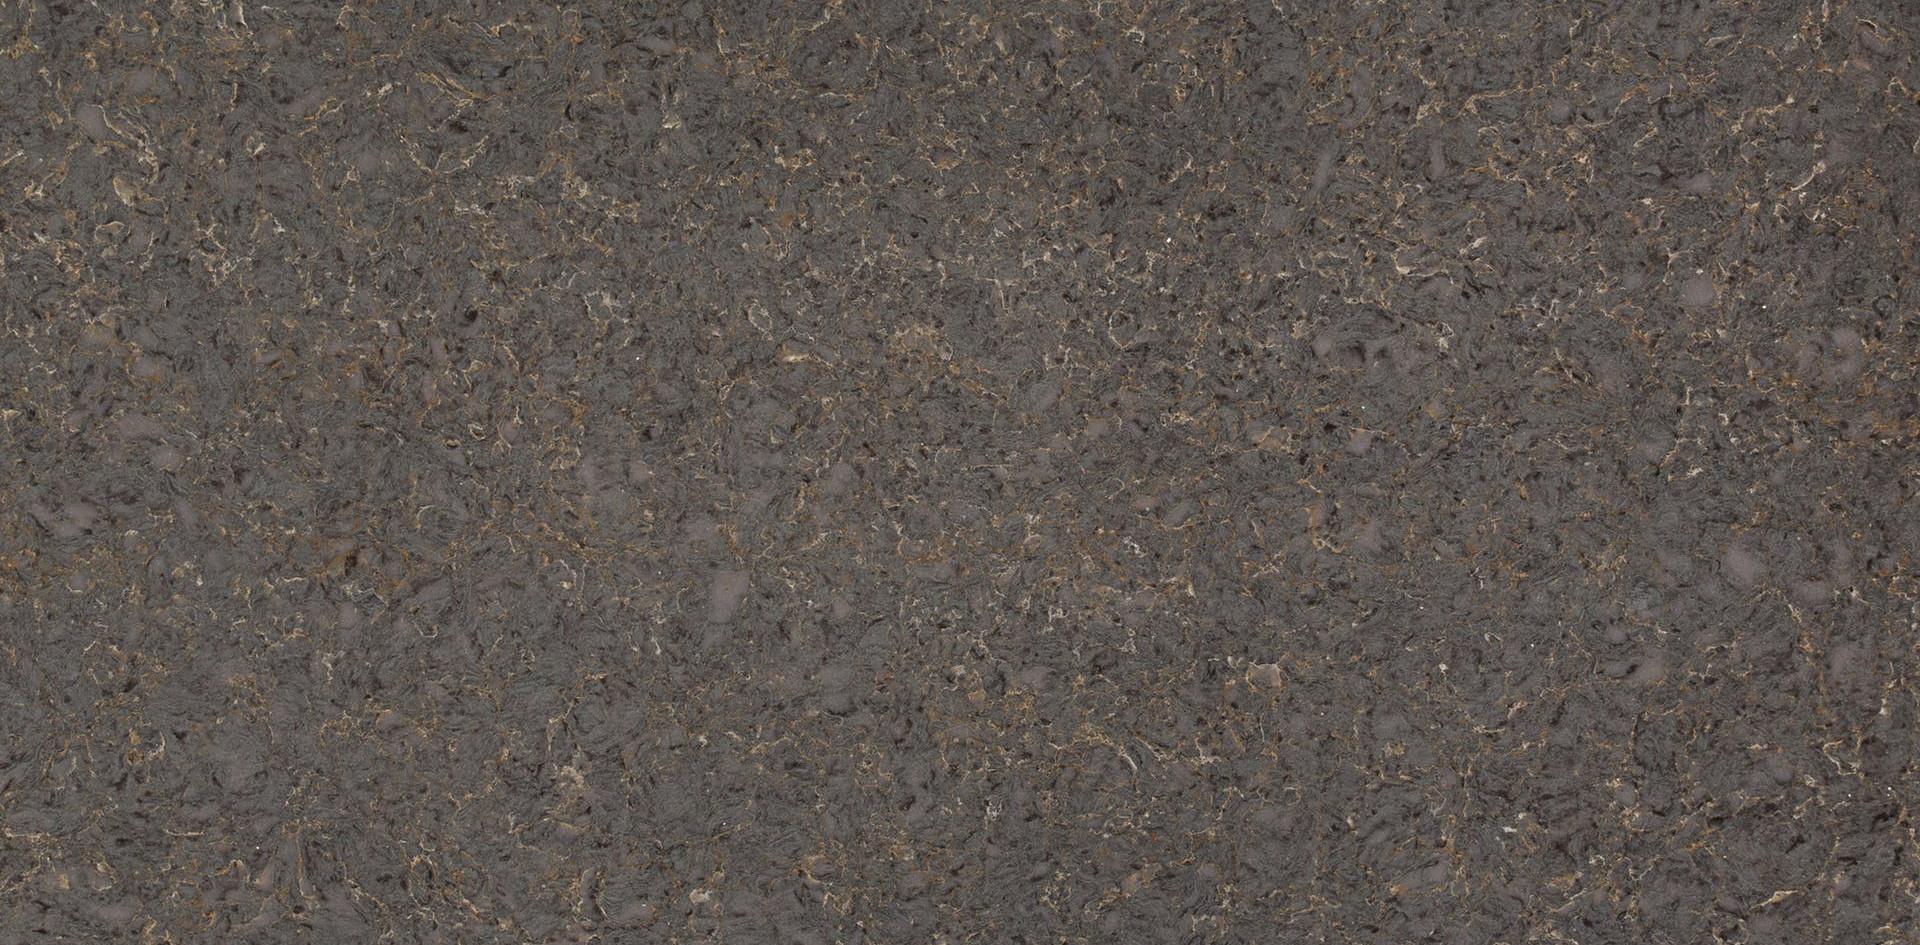 Consentino_Silestone -Copper Mist